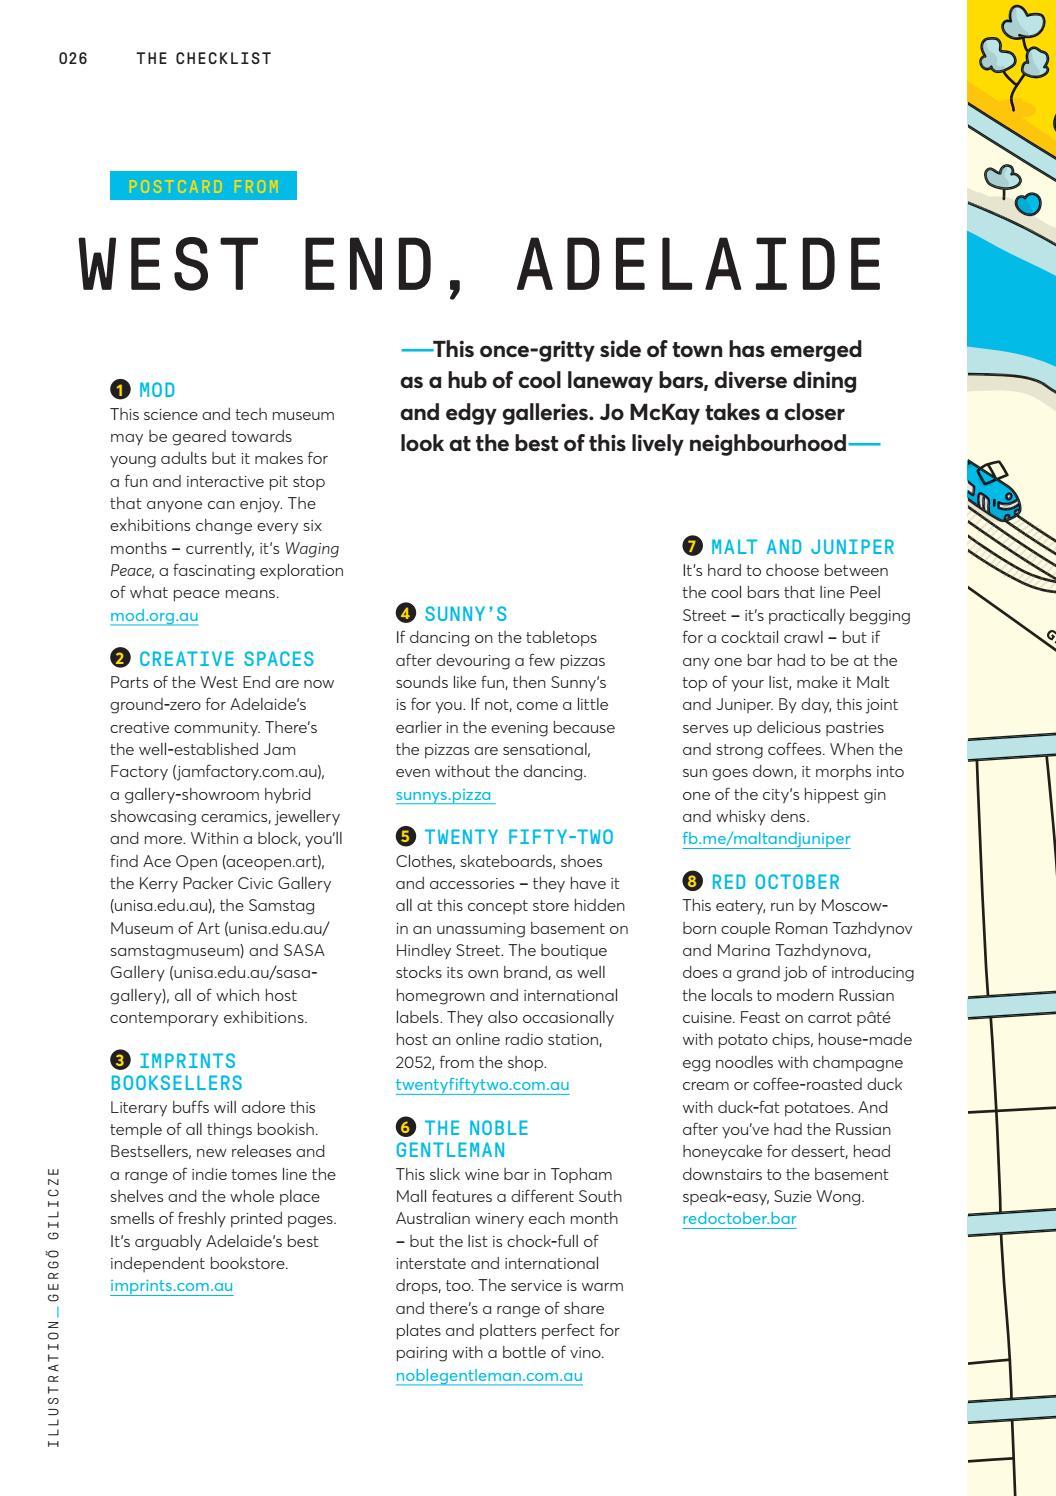 Jetstar Australia Magazine Feb 2019 By Jetstar Magazine